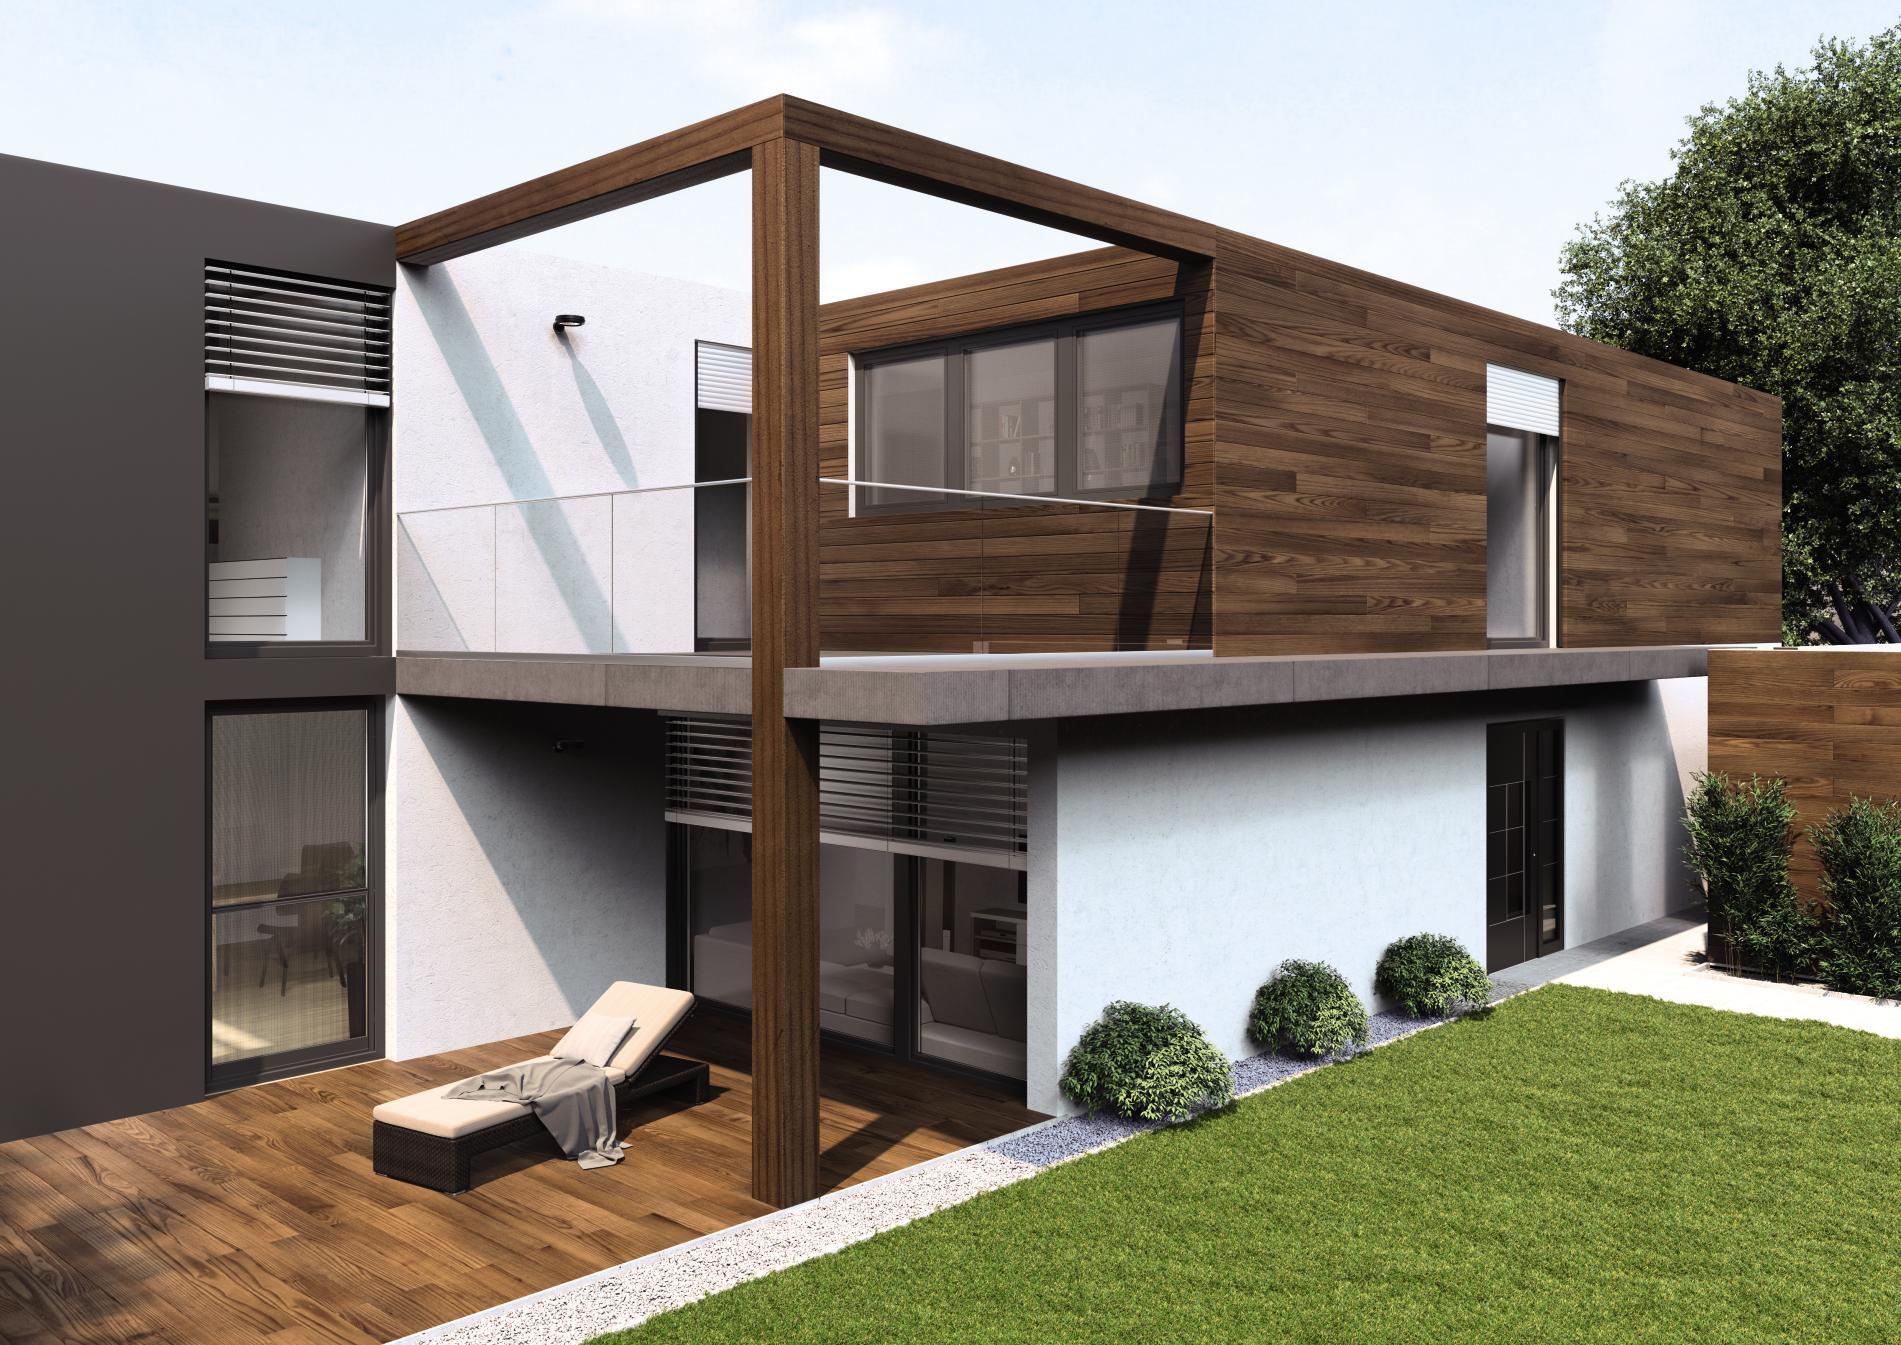 Moderner haus innenausstattung neubau  Gestalten Sie Ihr Haus, wie Ihnen es gefällt. #Sonnenschutz ...